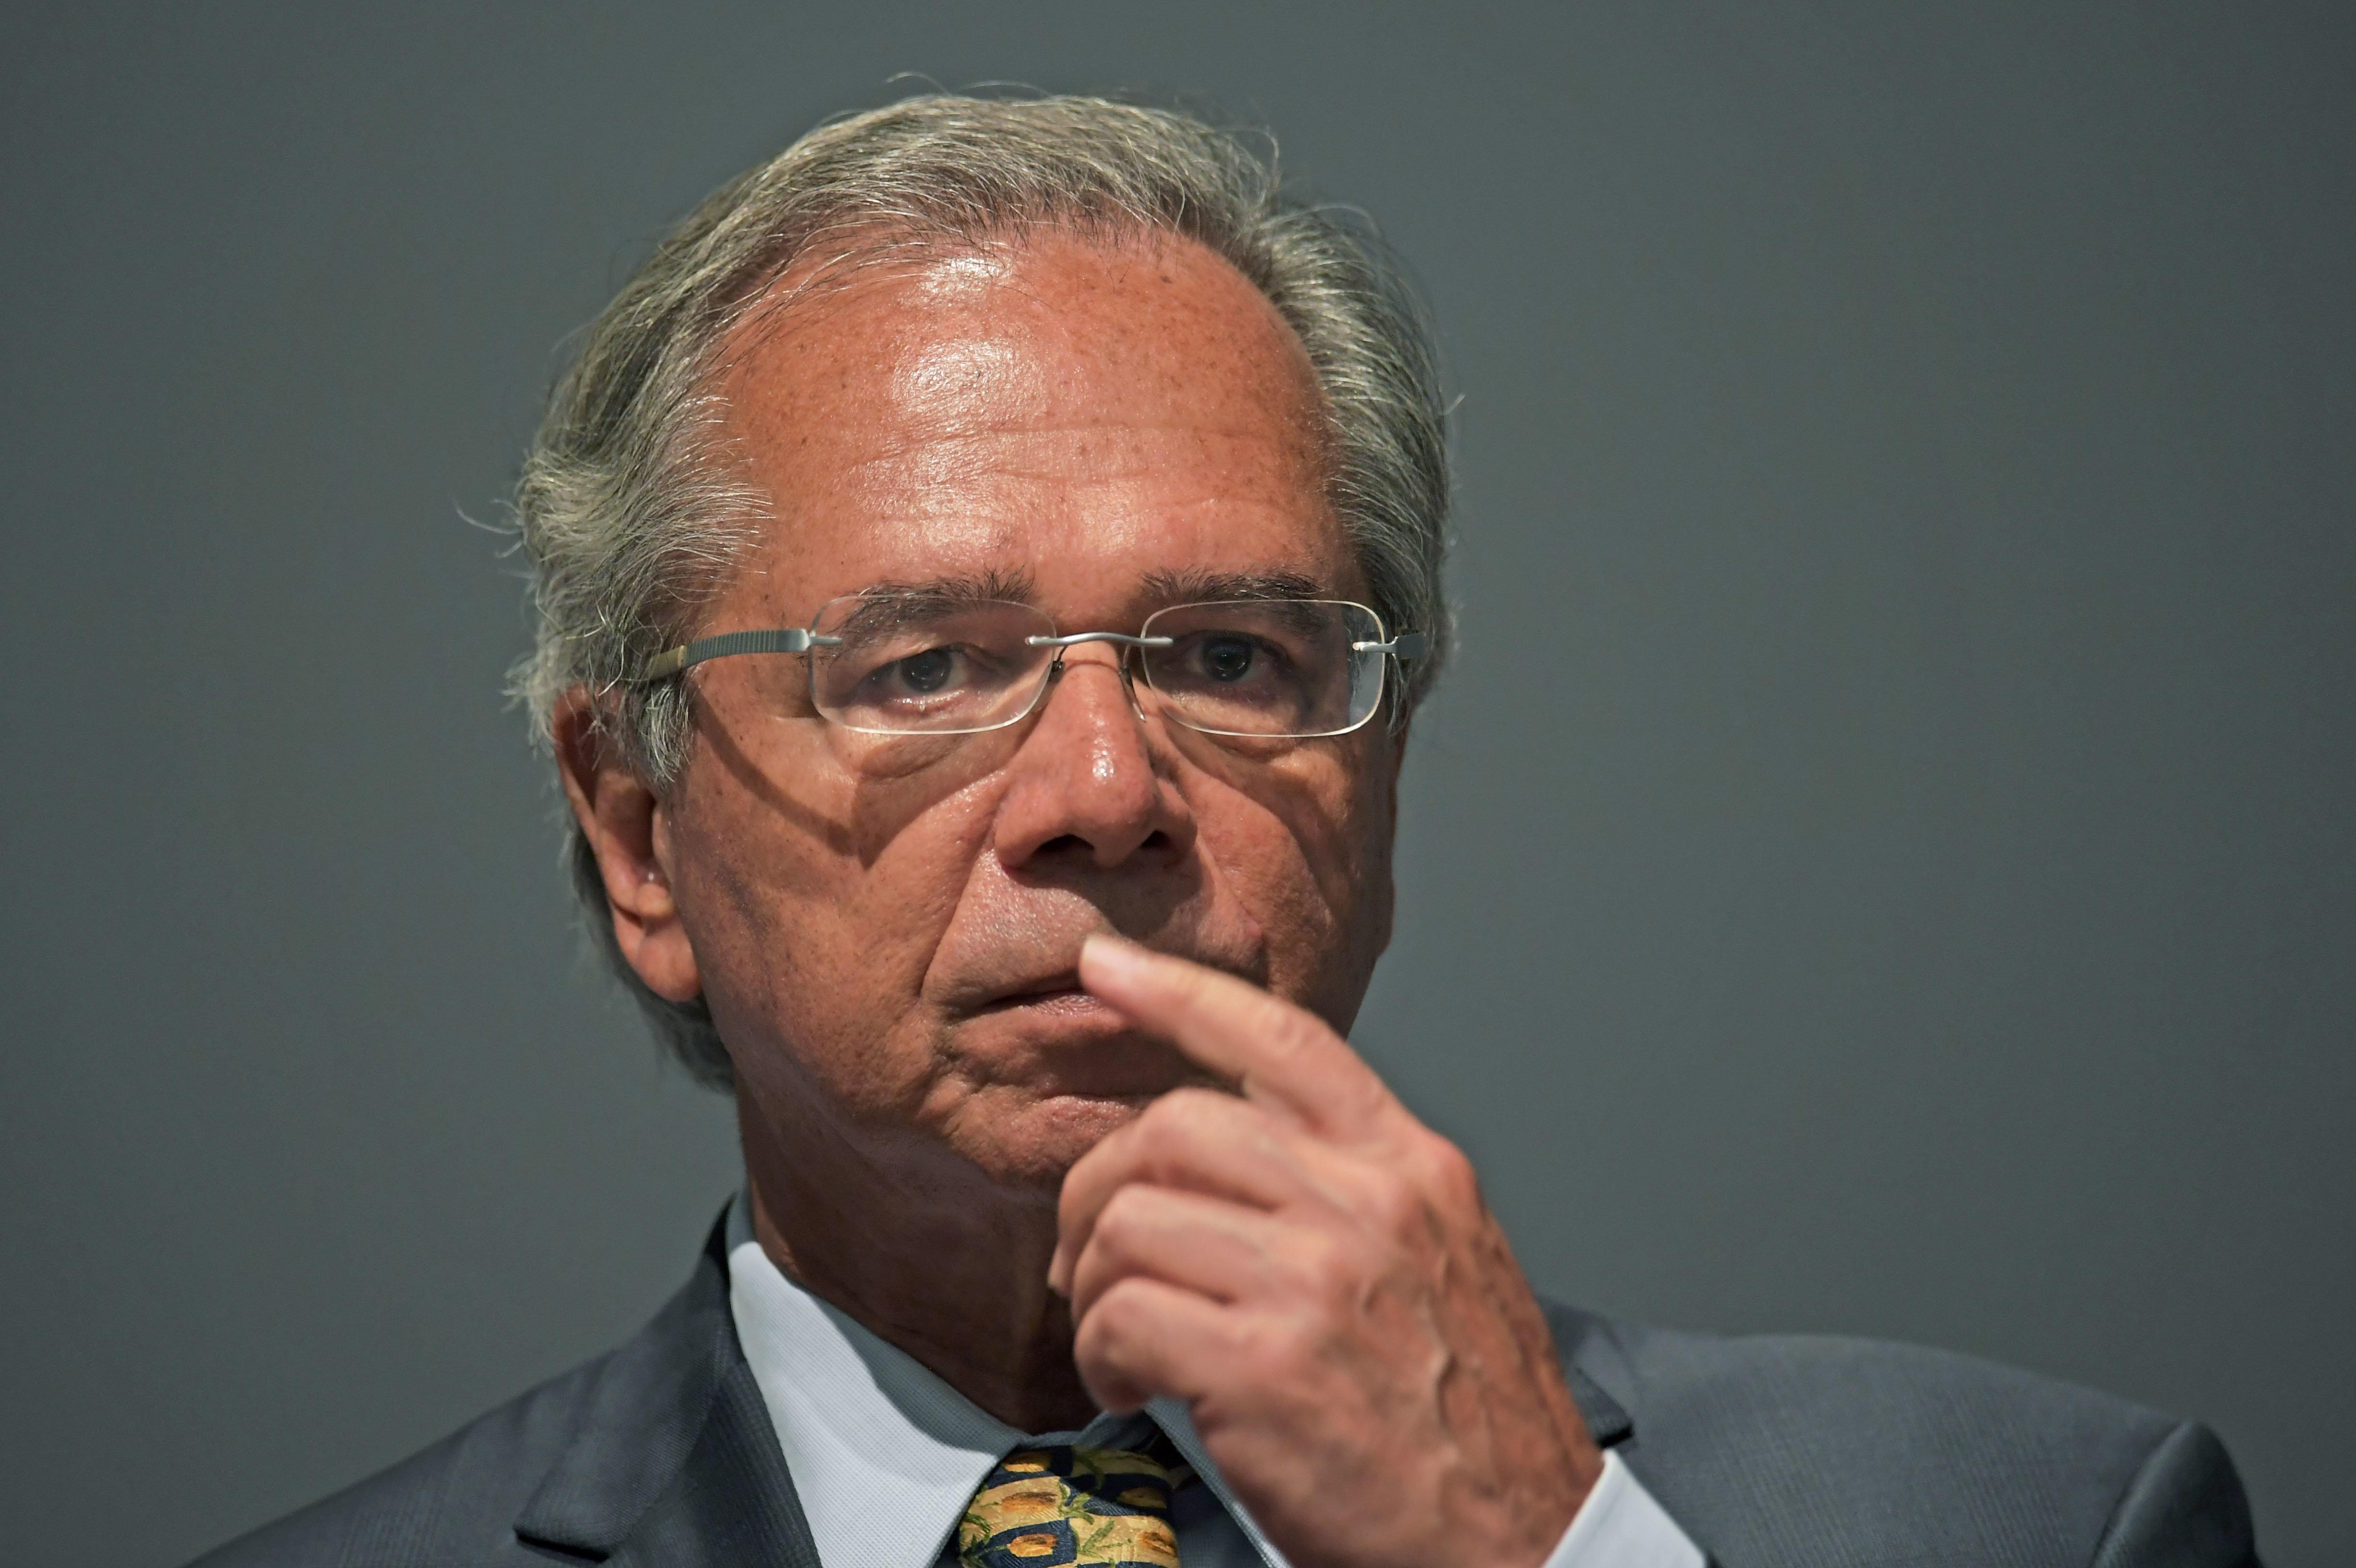 Após ausência de Guedes, governo e oposição fecham acordo para ministro ir à